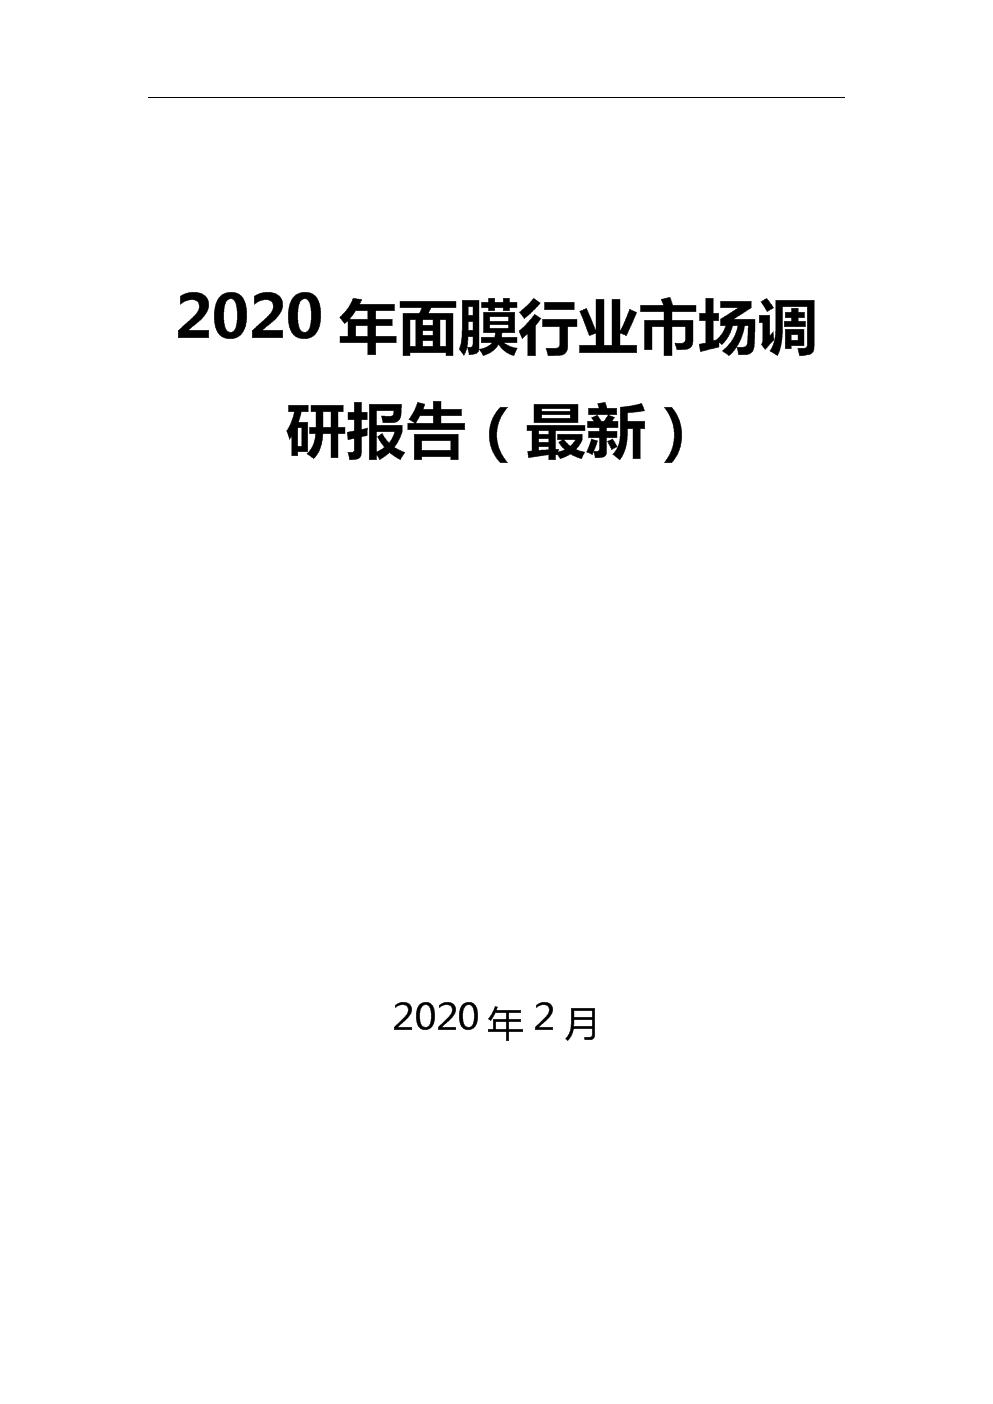 2020年面膜行业市场调研报告(最新).docx